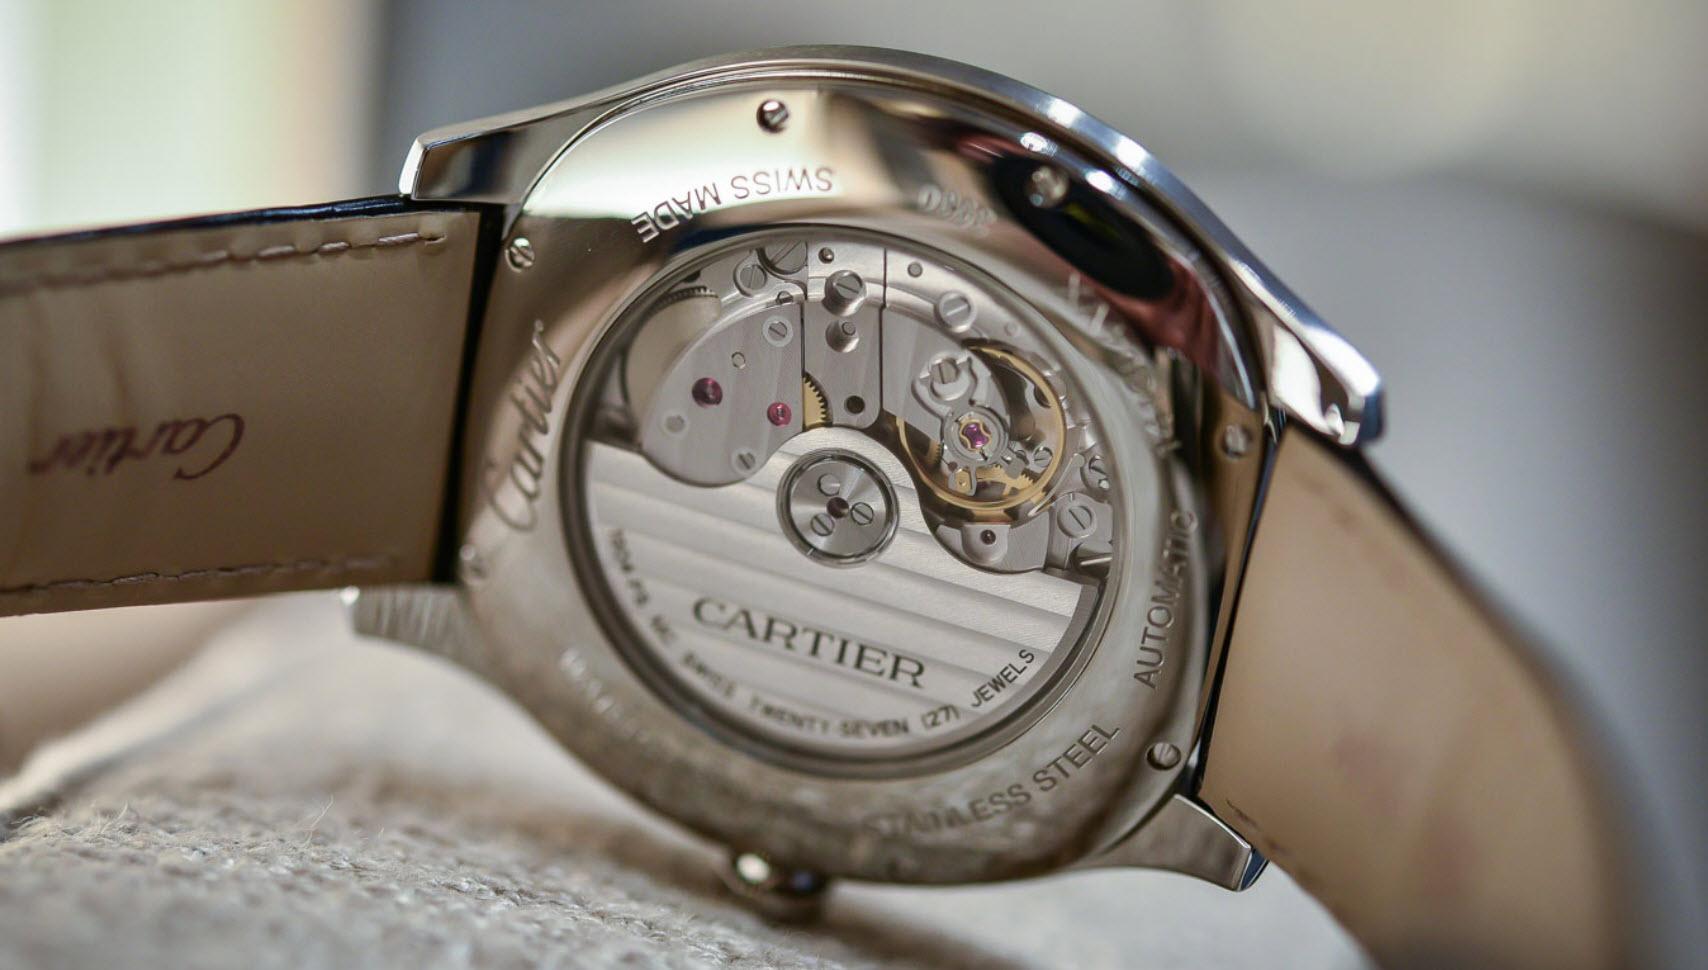 Cartier-Drive-Dreive-de-Cartier-back